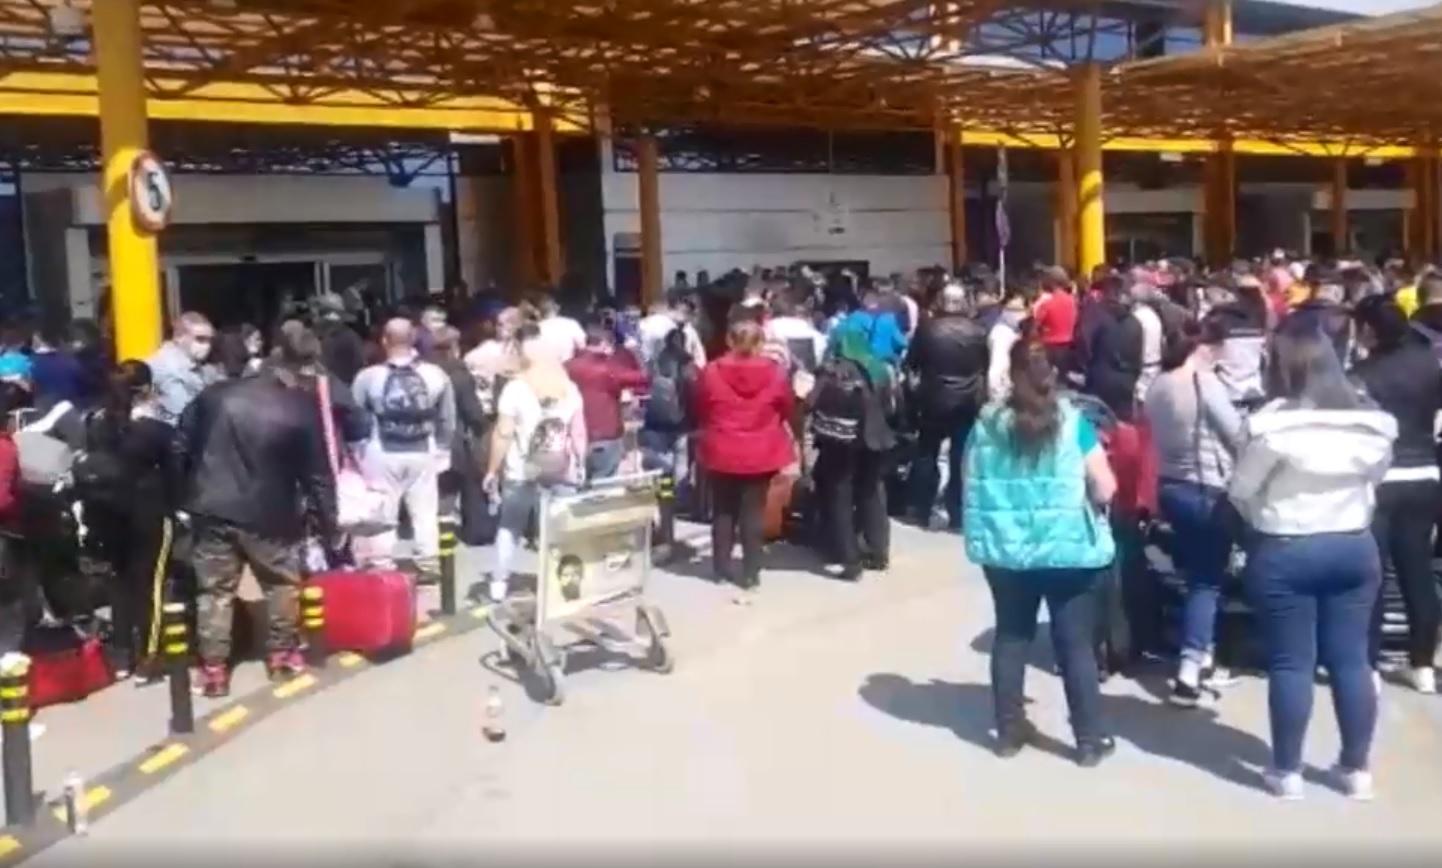 Haos pe Aeroportul Internațional Cluj. 1800 de muncitori sezonieri așteaptă pe aeroportul clujean să plece la muncă în Germania cu 12 curse private, în plină pandemie de coronavirus